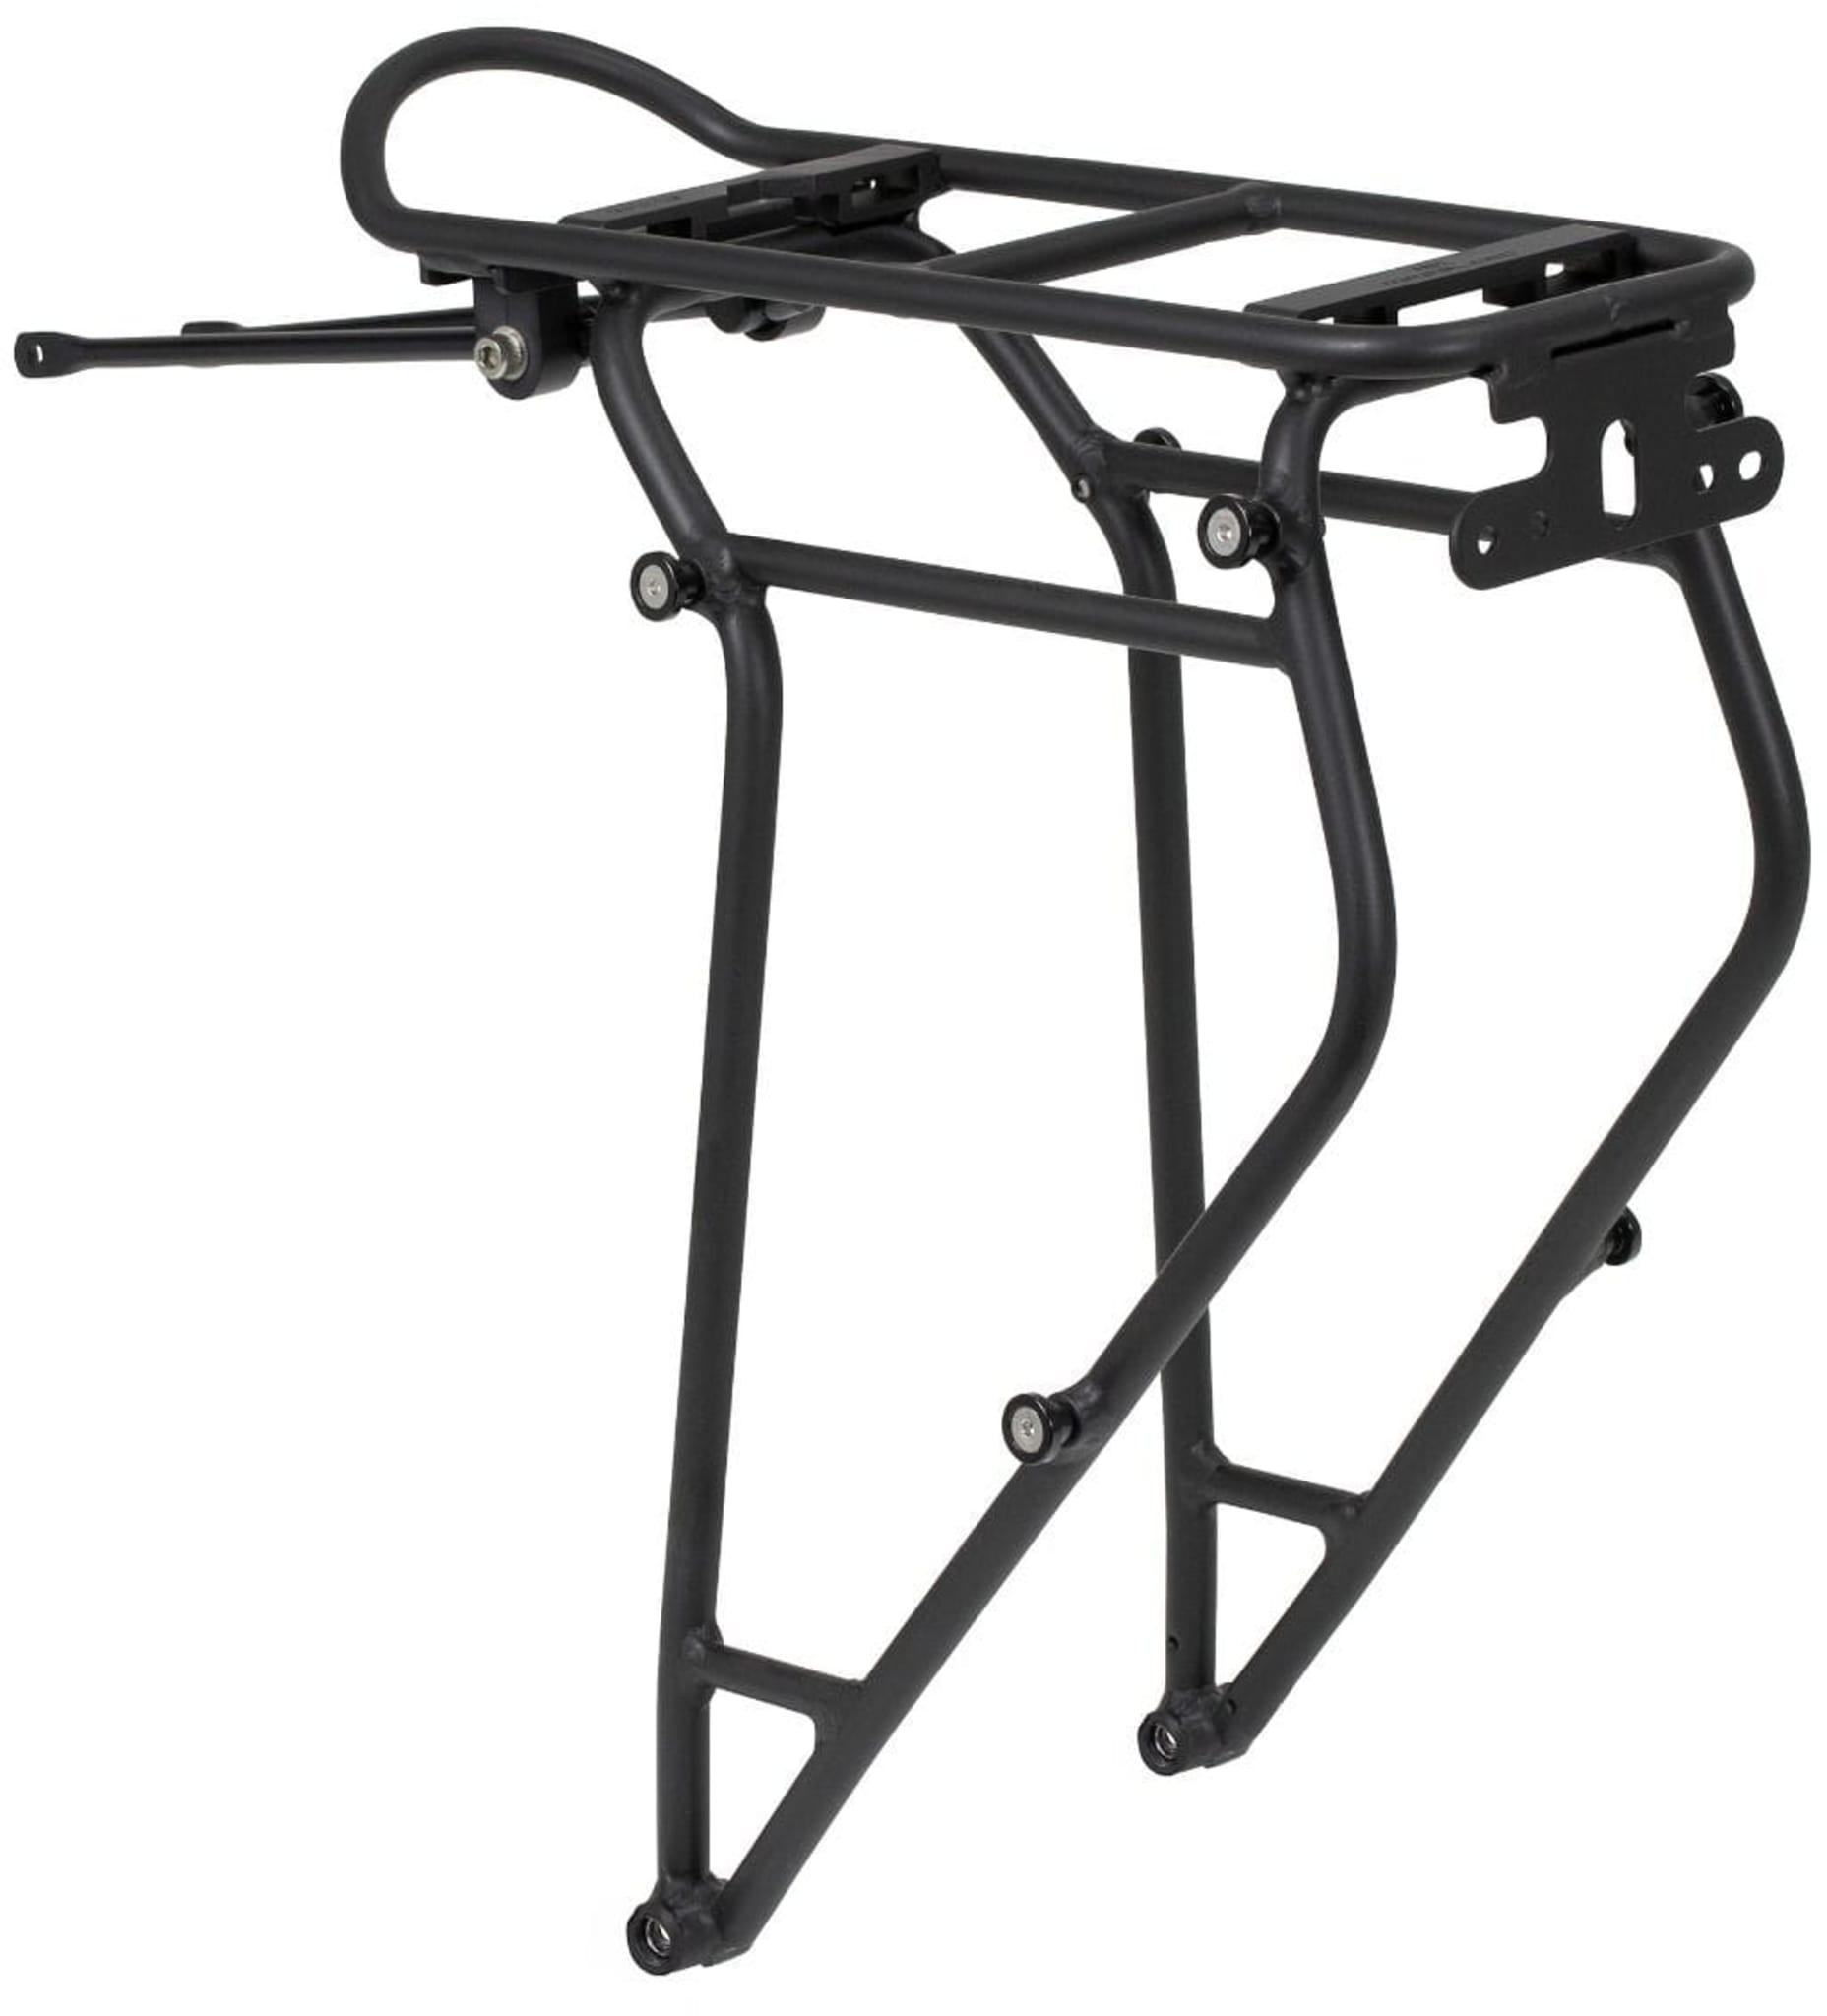 Bagasjebrettet Rack Three fra Ortlieb er et høykvalitetsbrett som er kompatibelt med Ortliebs sykkelvesker.